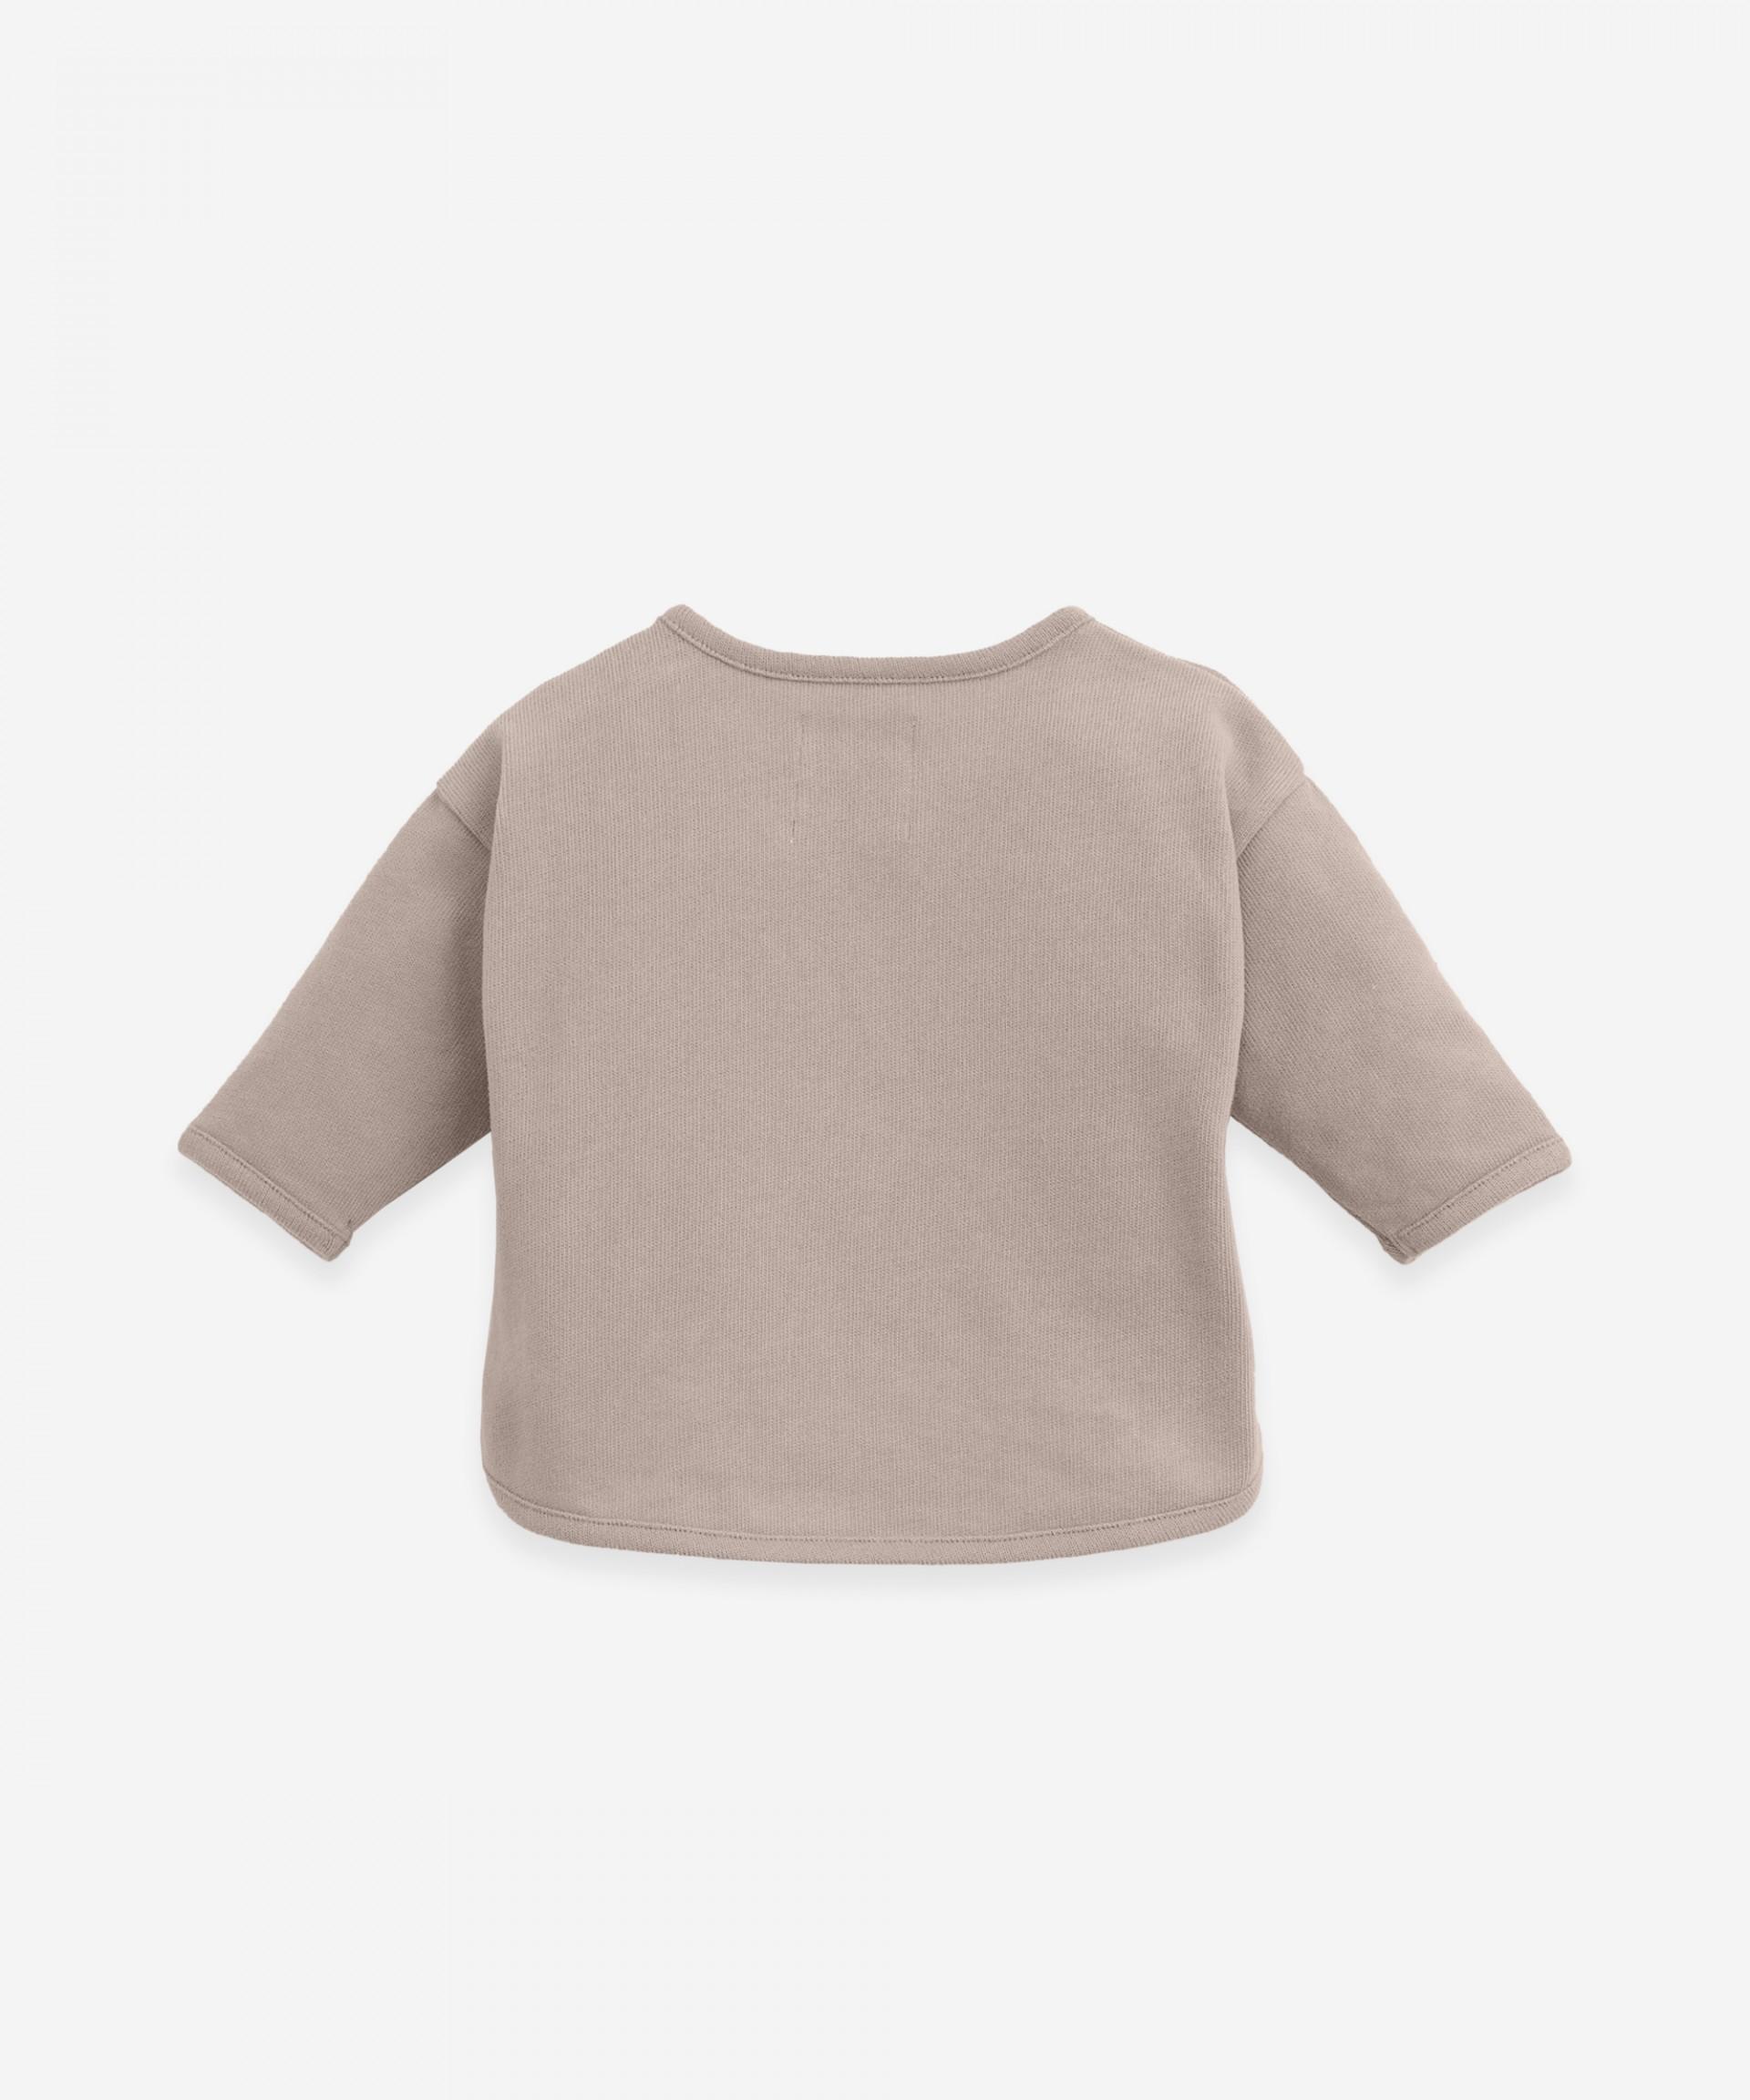 Sweater with longer back | Botany